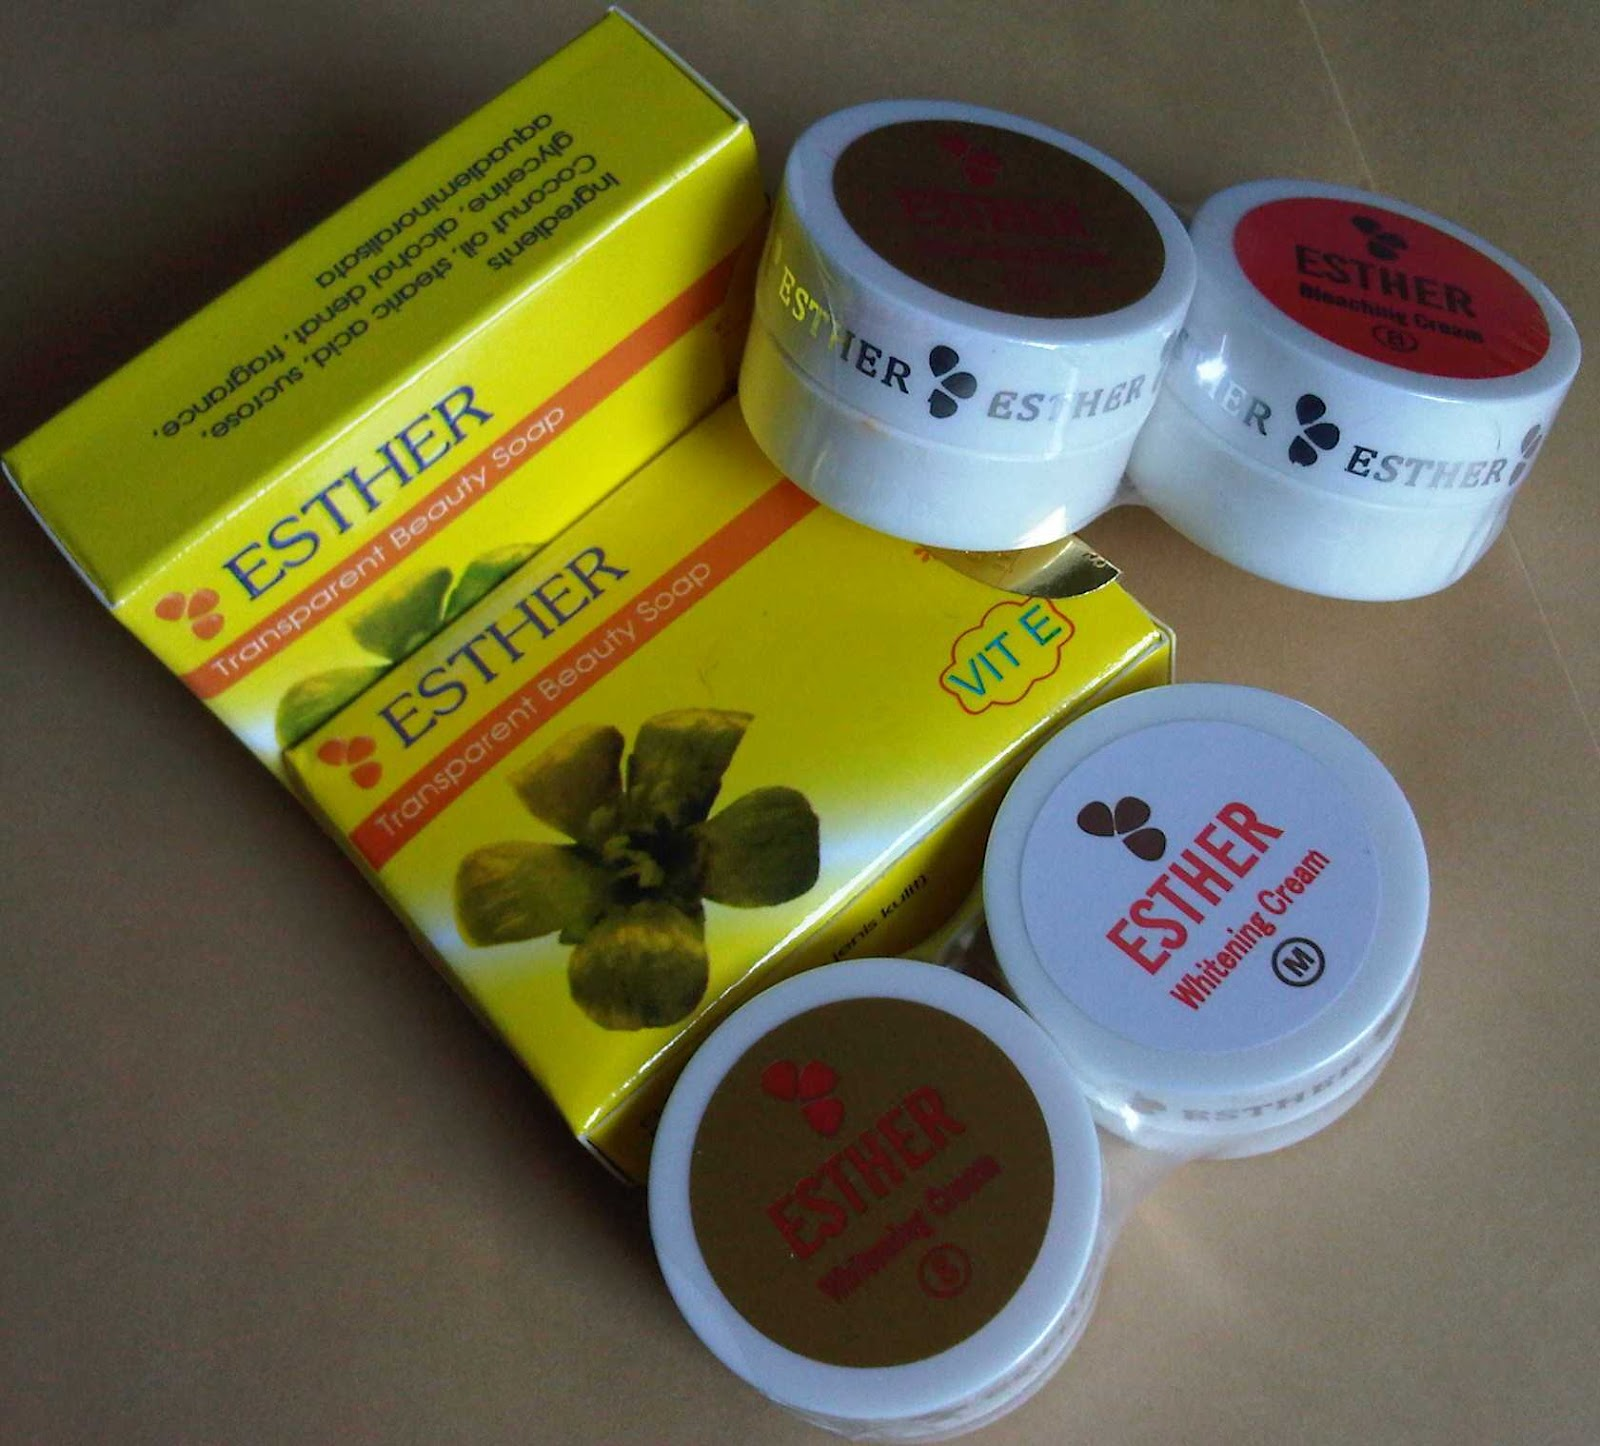 Jual Pilaten Cream Penghilang Jerawat Obat Menghilangkan: Jual Cream Esther - Cream Pemutih Wajah